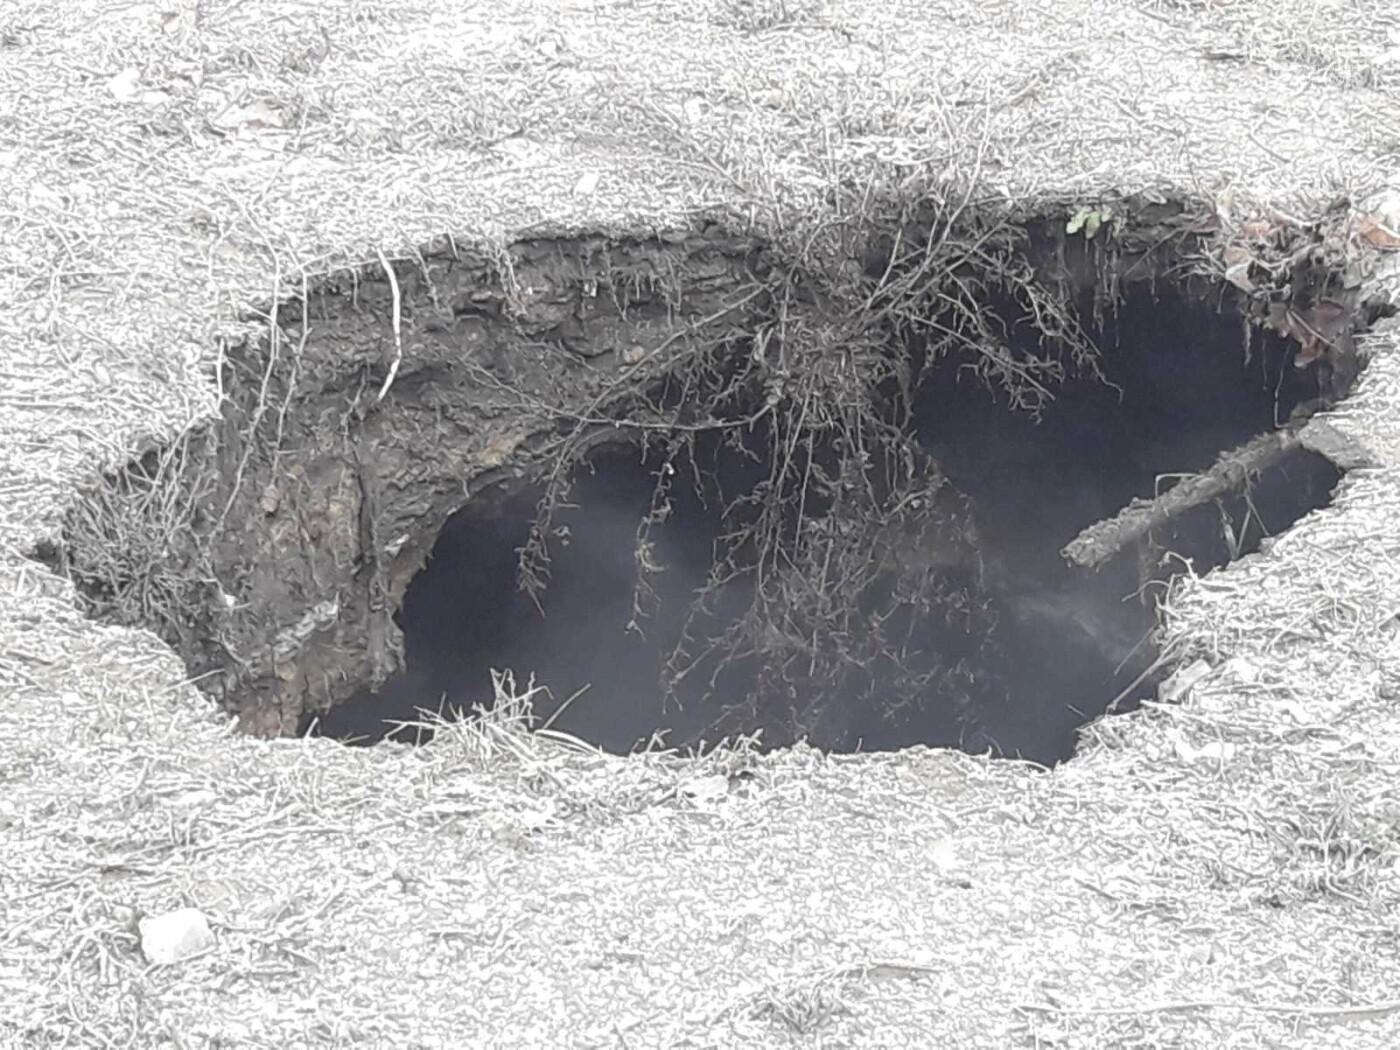 Регулярно раз в год. В Мариуполе на Митрополитской снова масштабная авария на канализационном коллекторе, фото-6